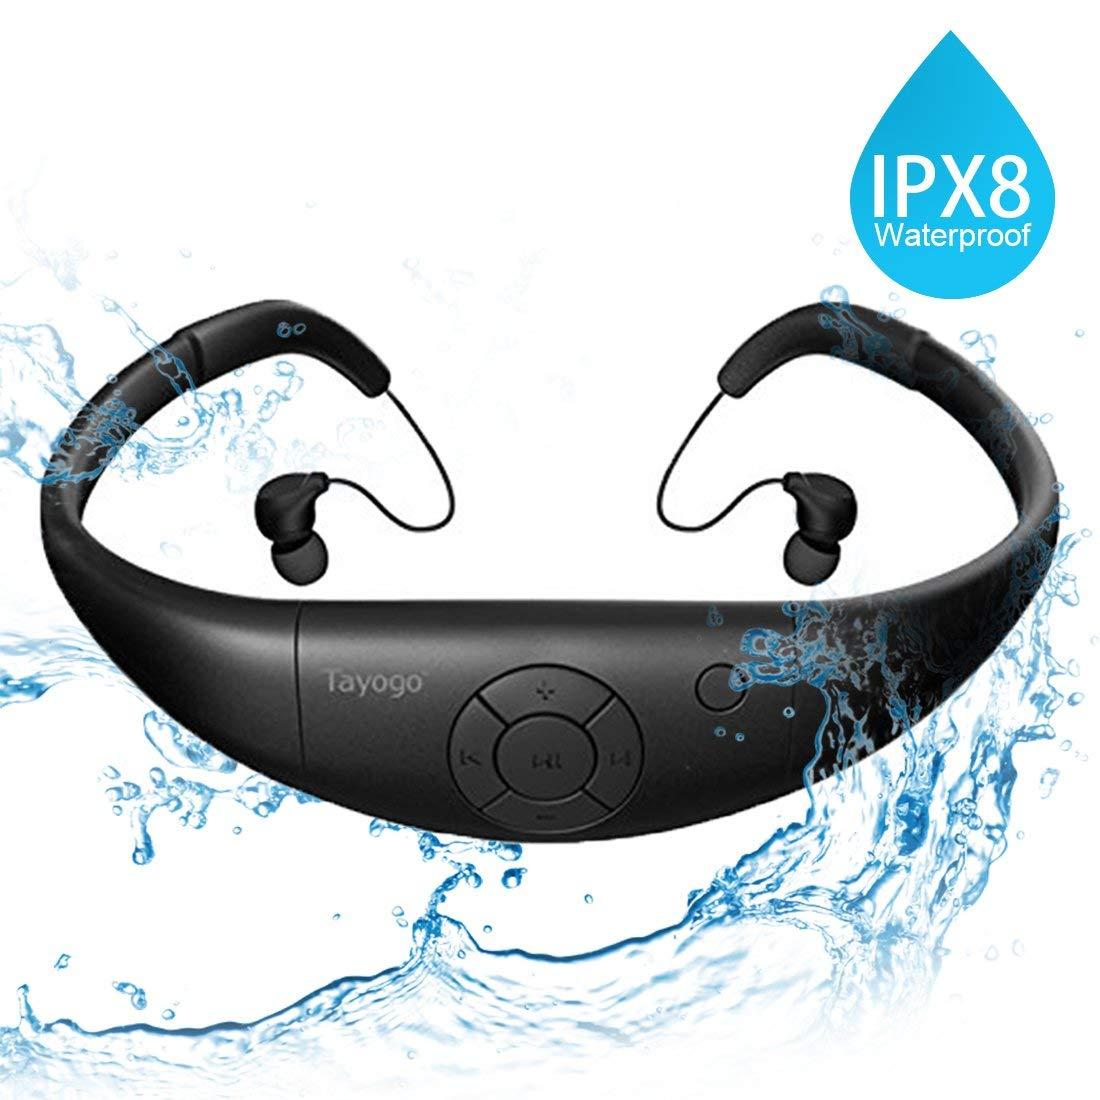 Tayogo Waterproof Swimming Headphones Shuffle